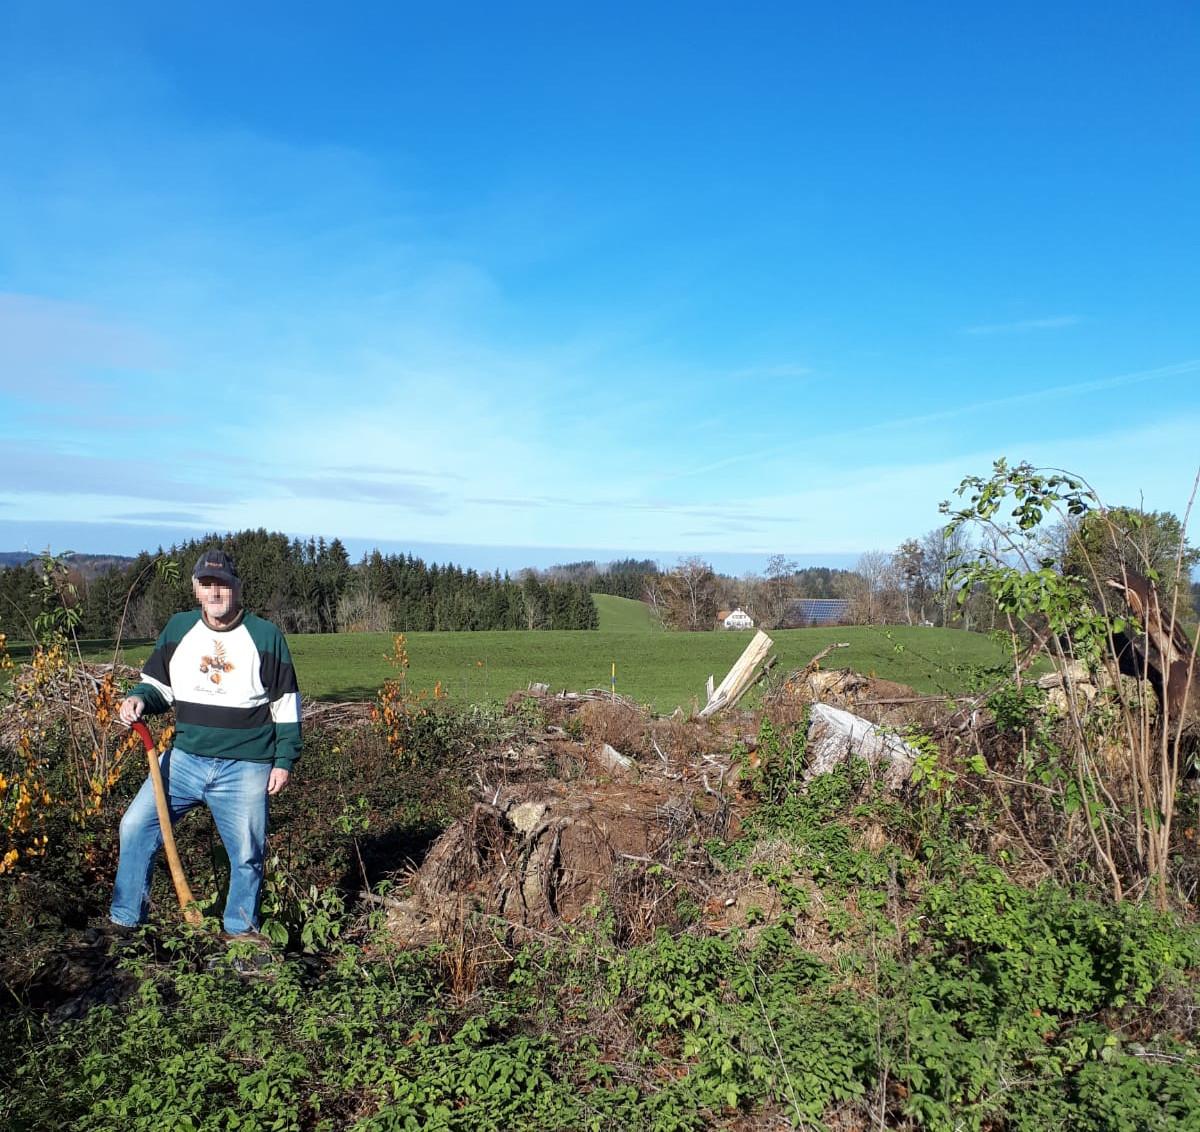 Planting trees in Niemandsfreund